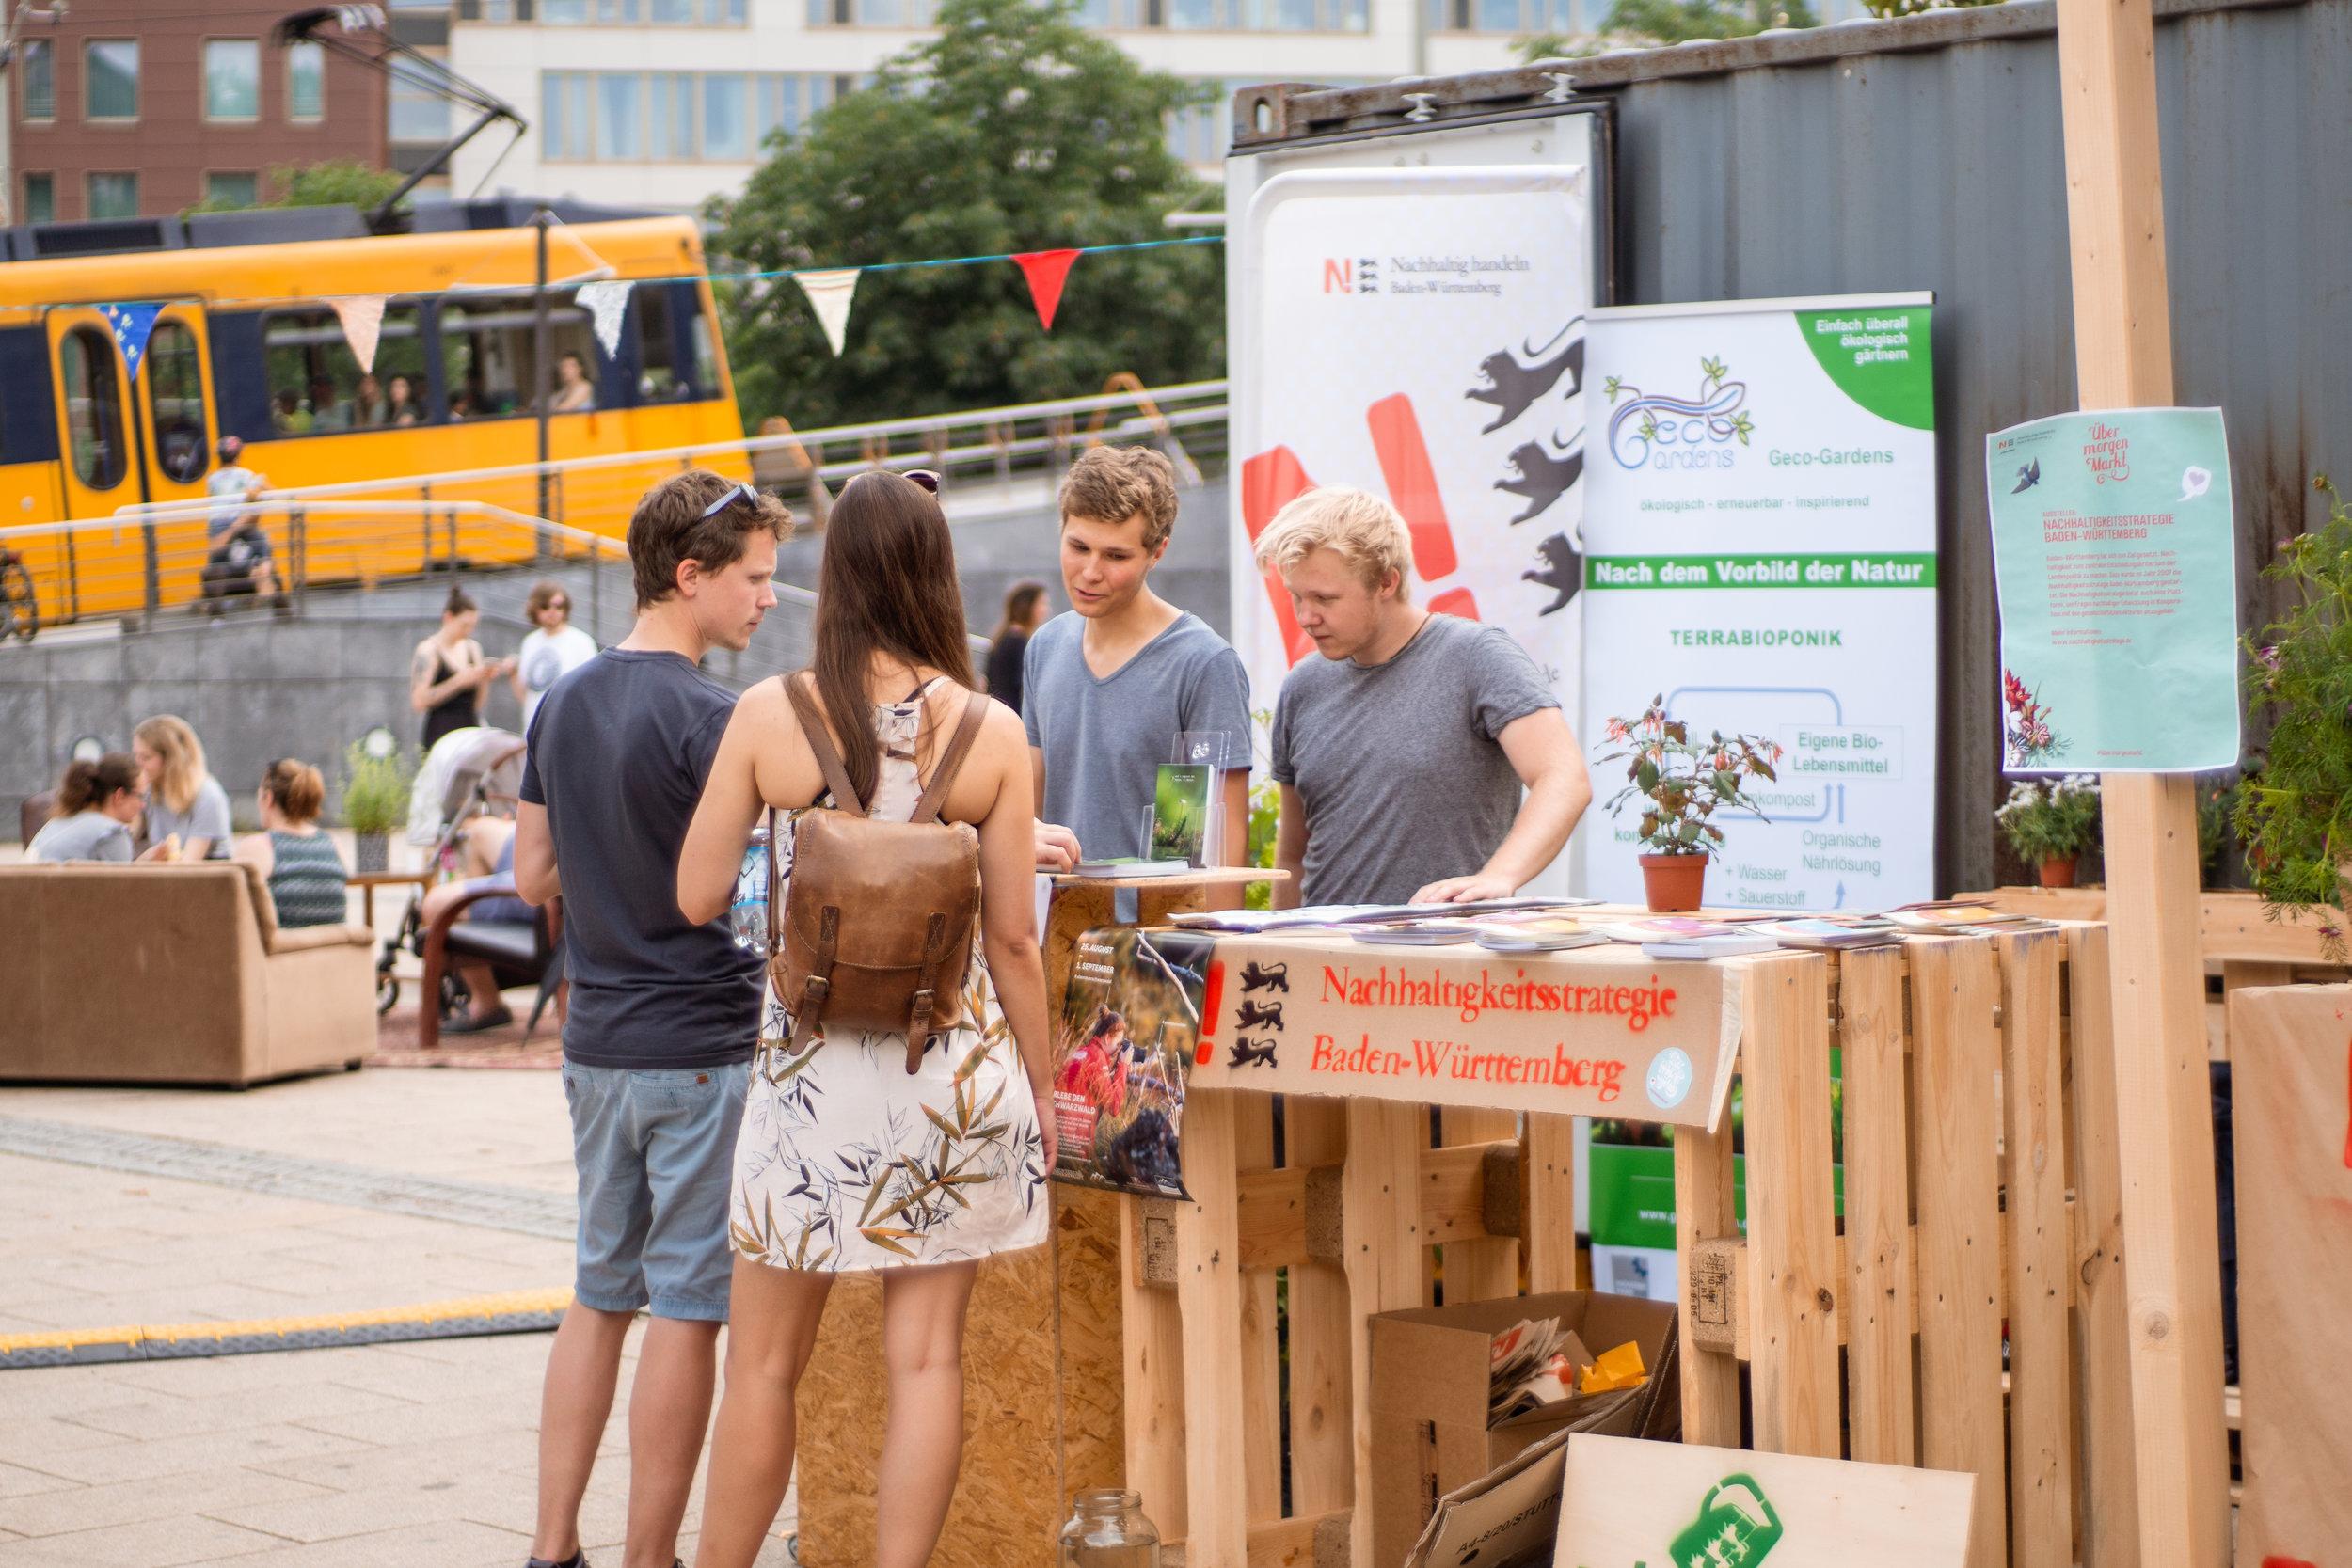 Die Besucher staunen über die Natur im Schwarzwald und versorgen sich mit Infos über den Nationalpark.